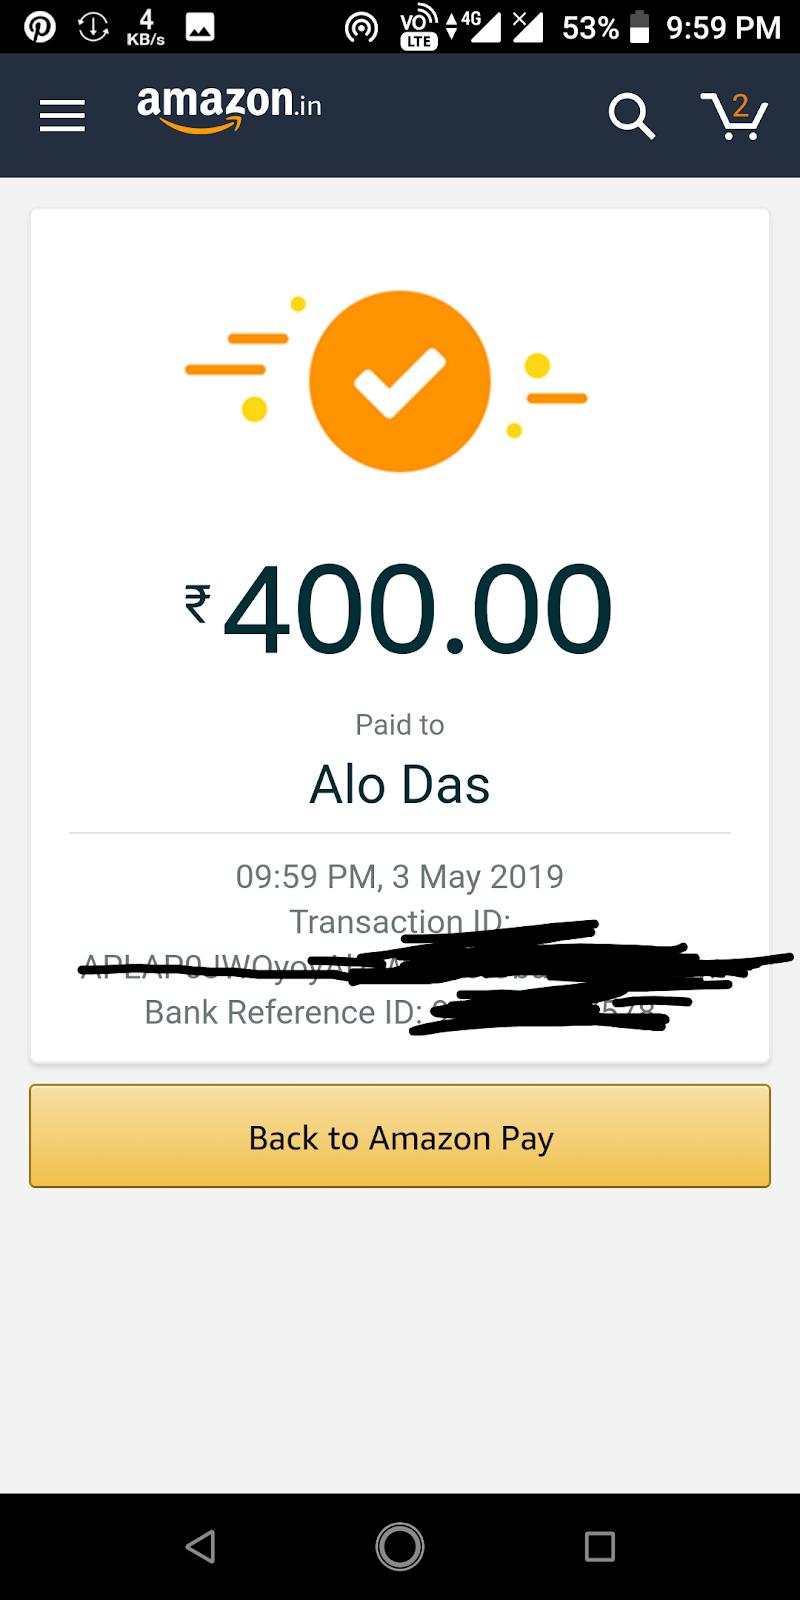 Amazon UPI Loot – Get Rs.100 Amazon Pay Cashback on Money Transfer